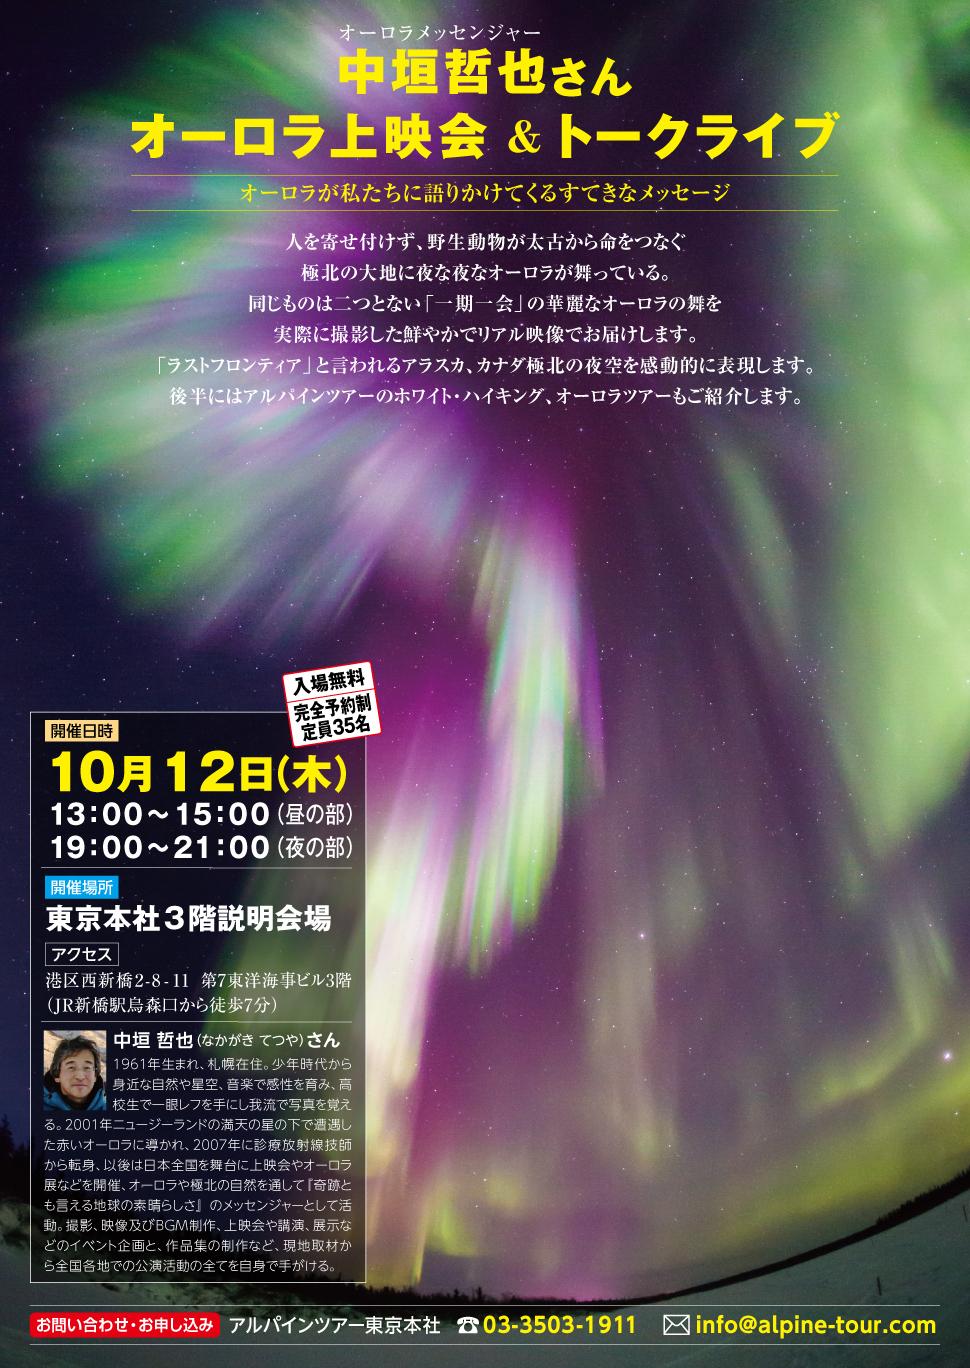 【東京】中垣哲也さんオーロラ上映会&トークライブ